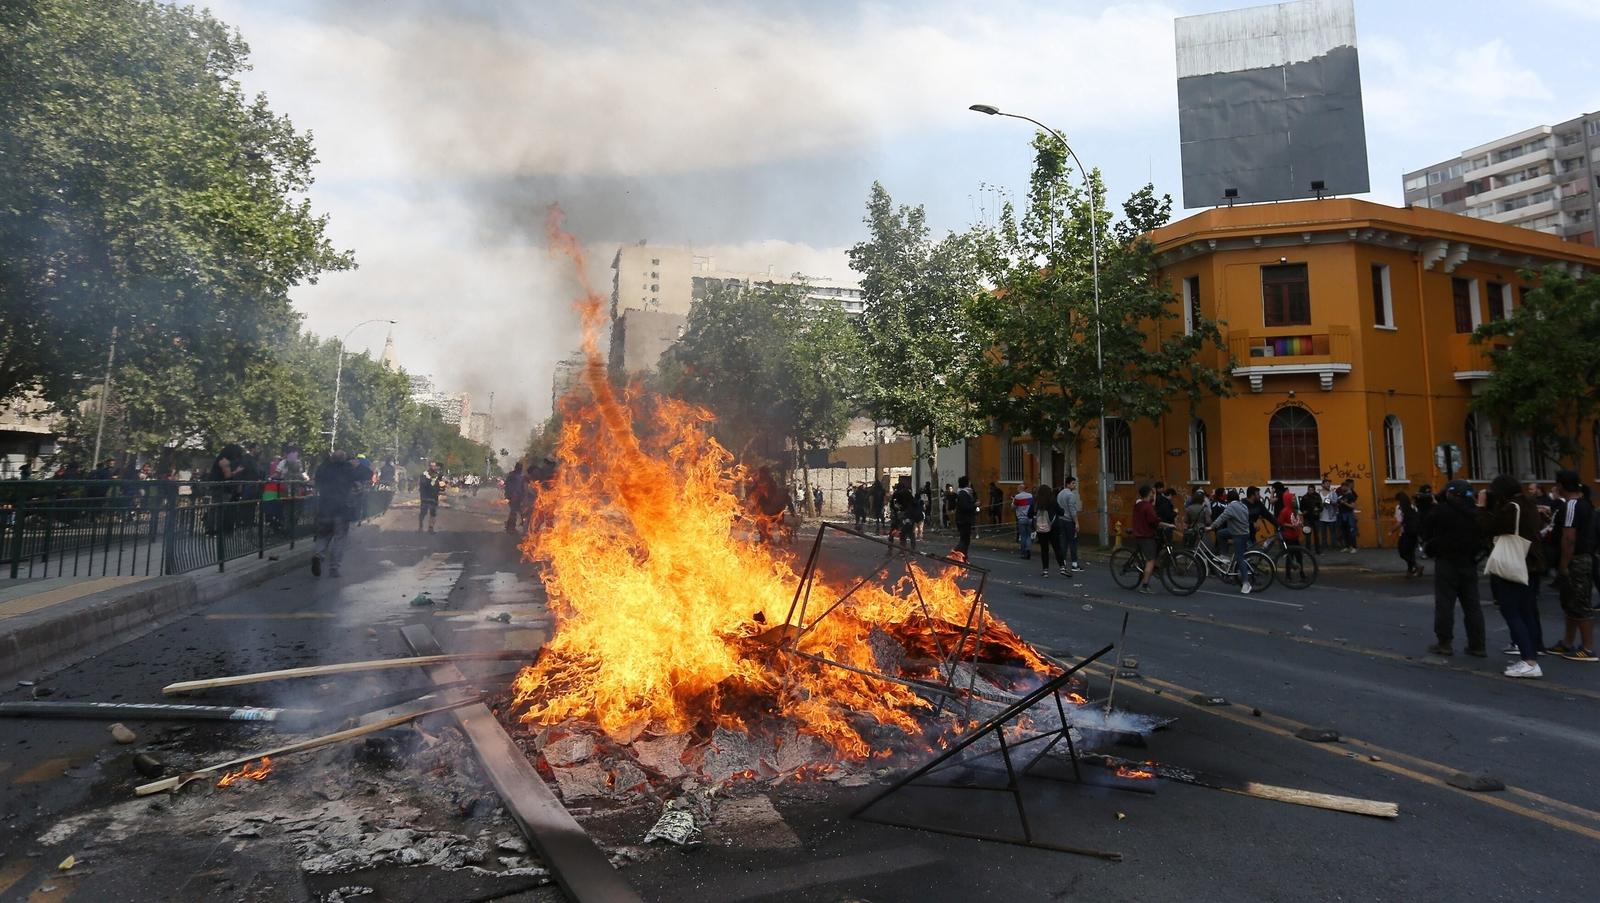 Kili, OKB do të hetojë për dhunën e ushtruar nga autoritetet gjatë protestave